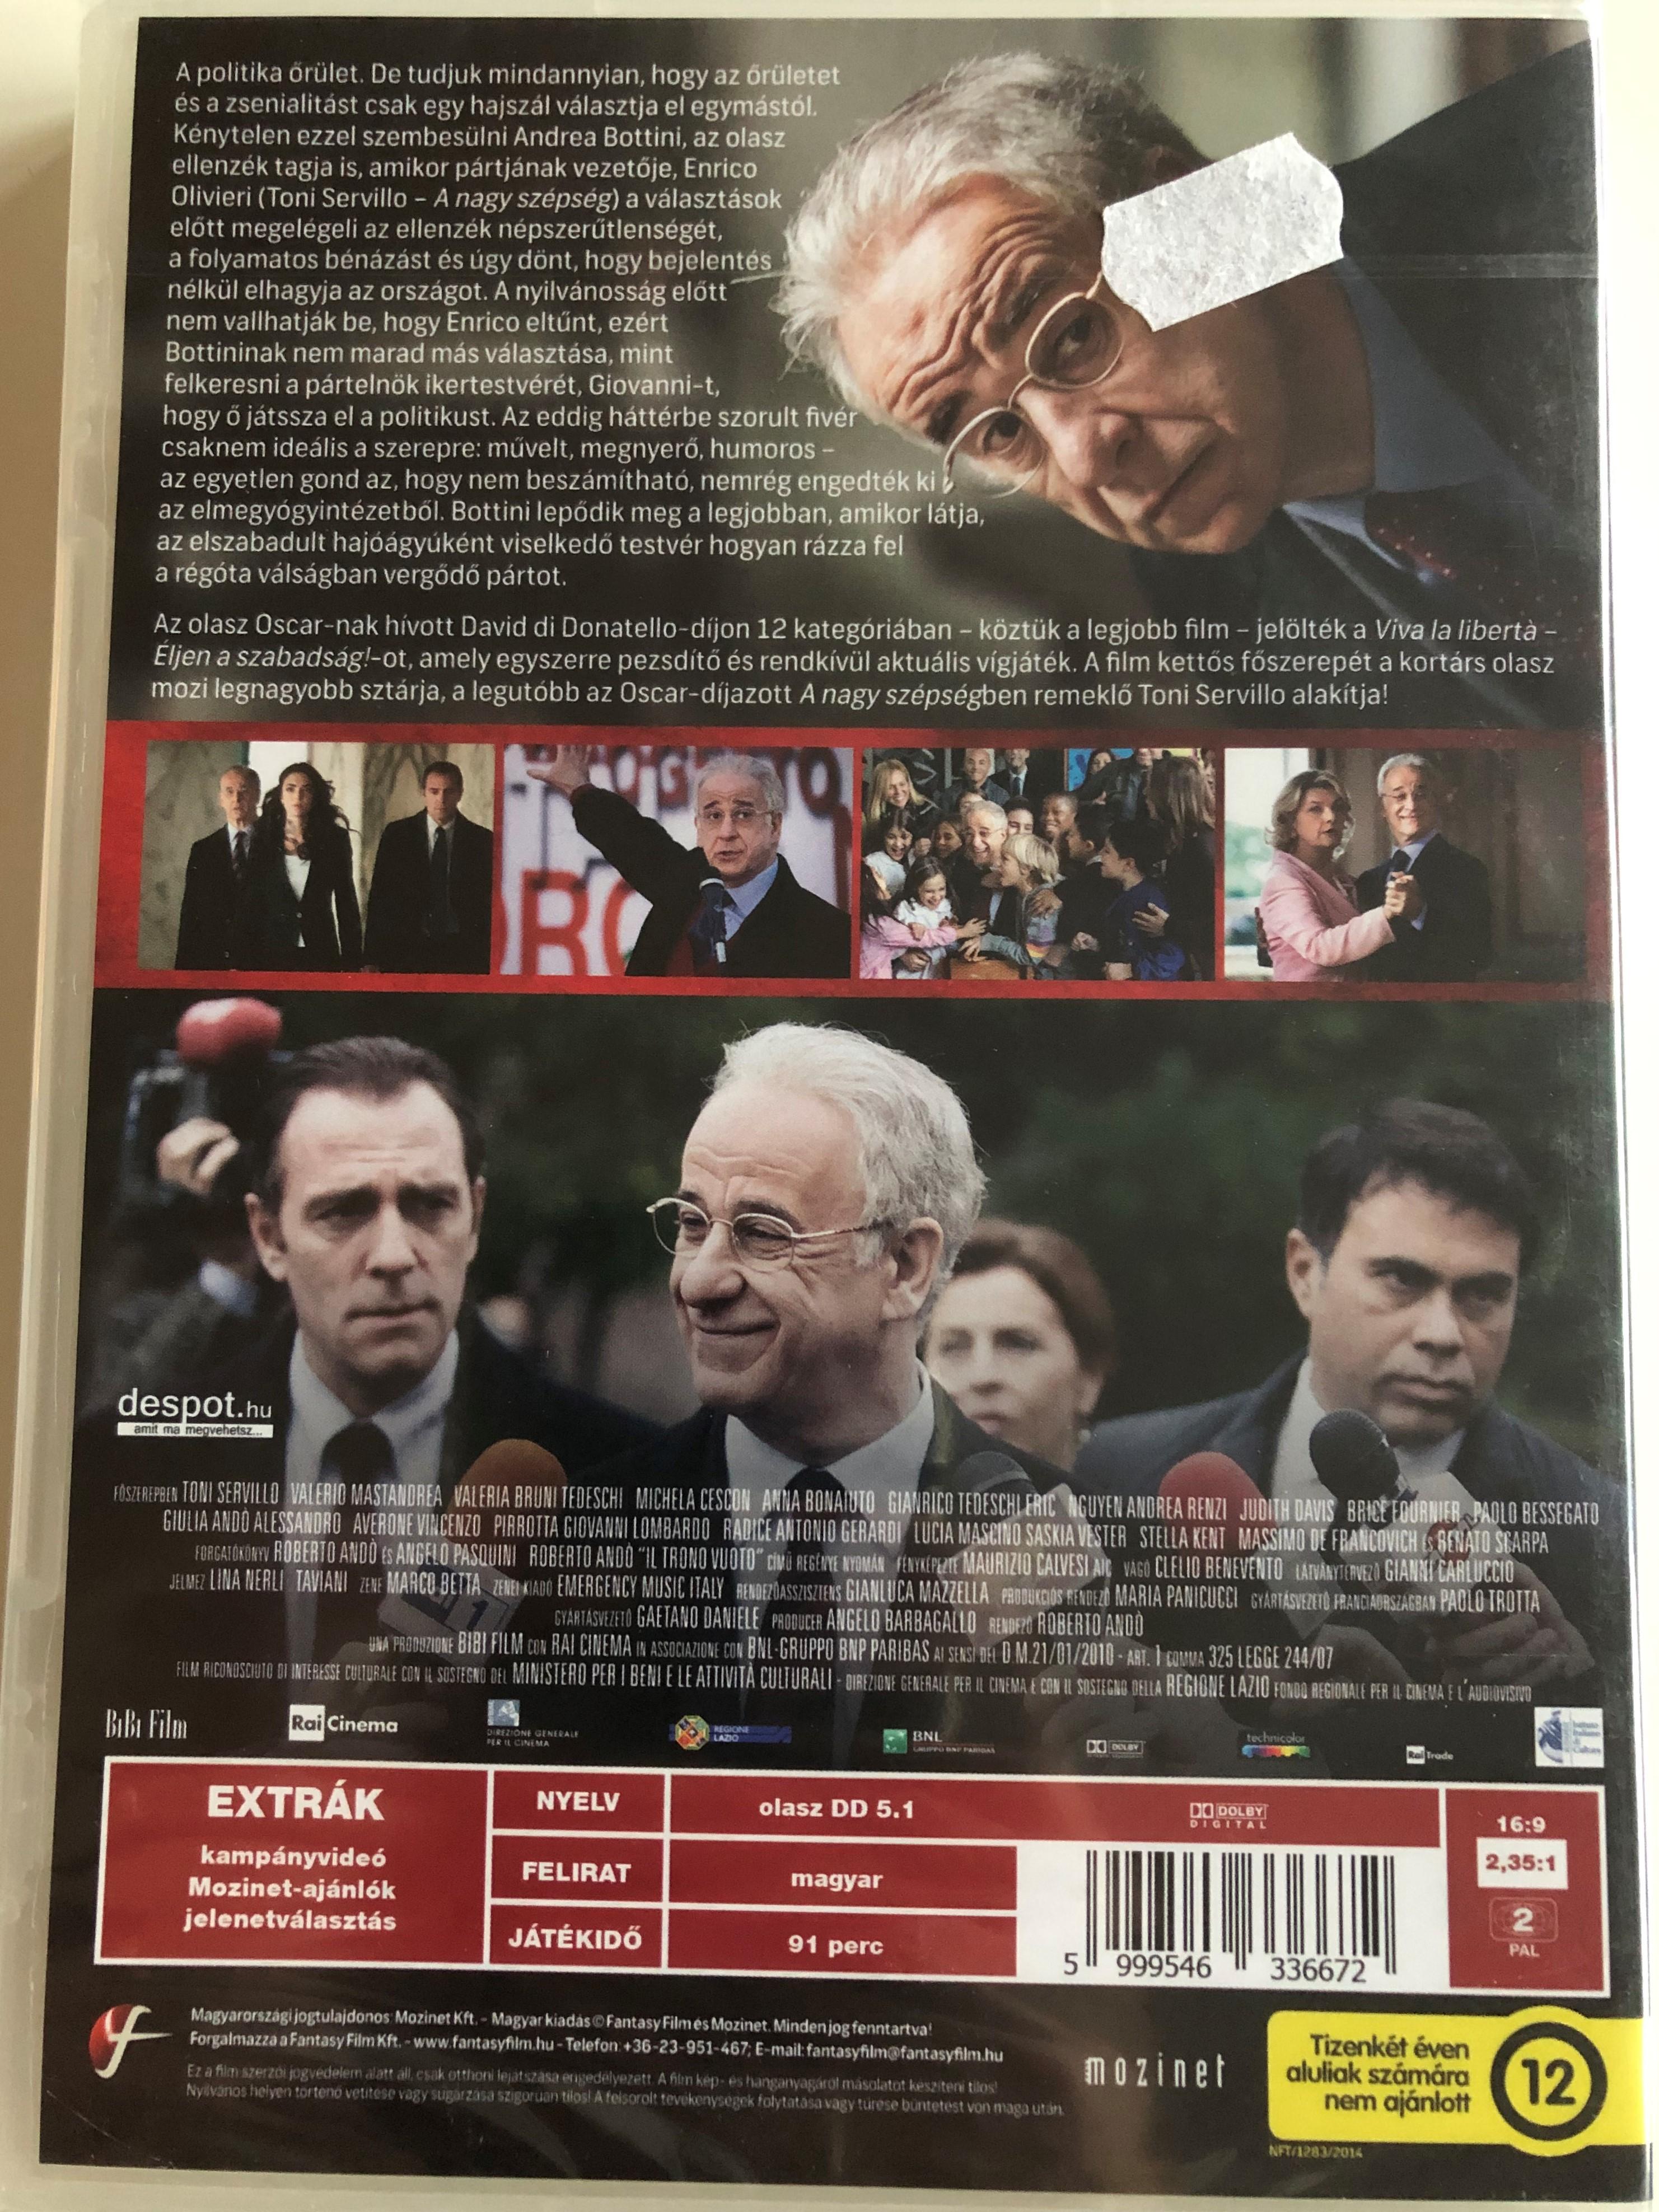 viva-la-libert-dvd-2013-ljen-a-szabads-g-2.jpg